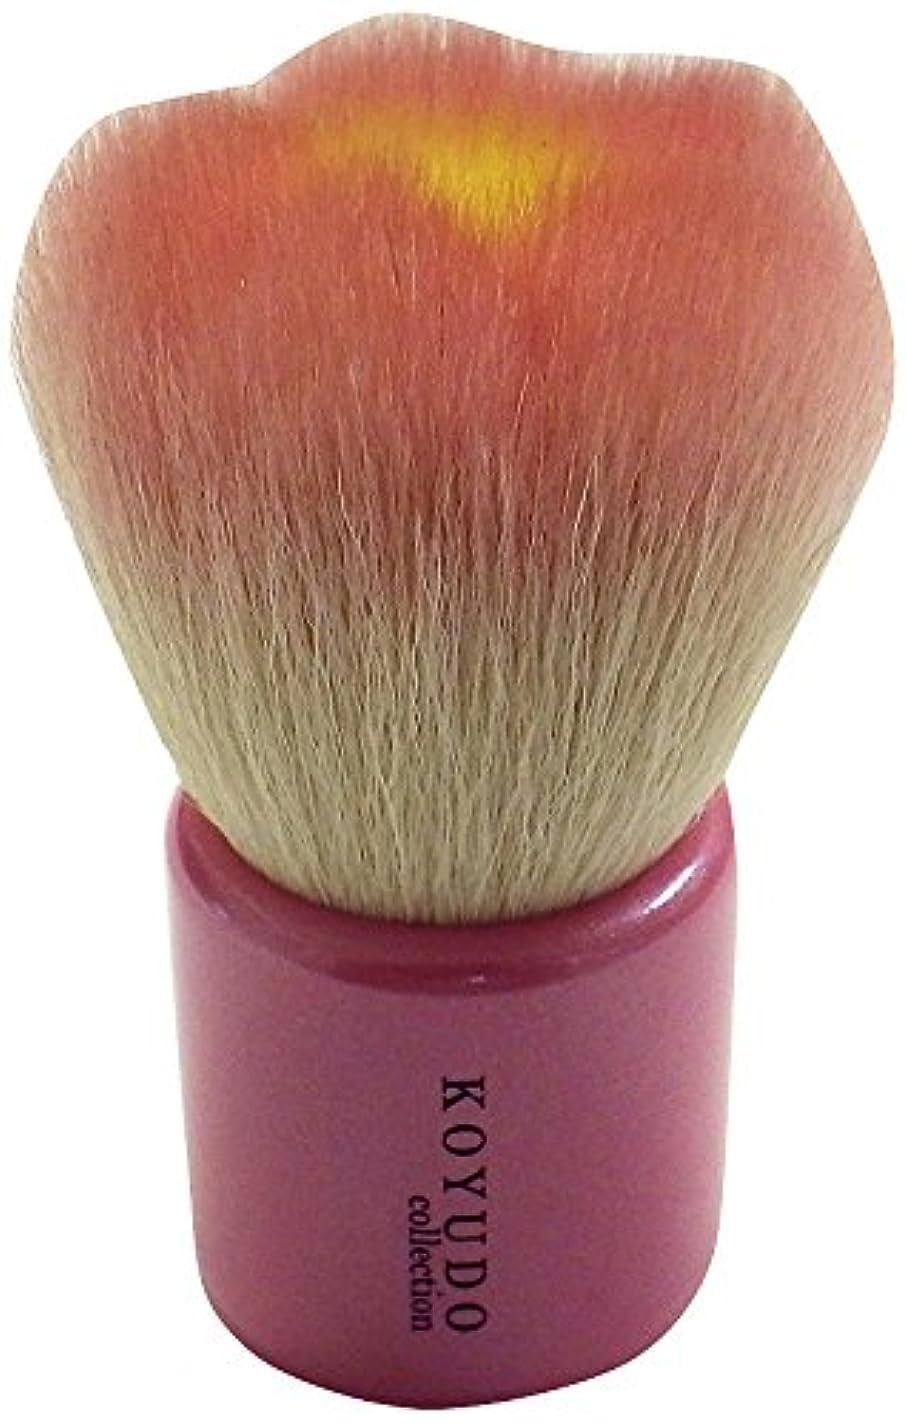 司令官ペストリー不定熊野筆 フラワー洗顔ブラシ(ピンク) KOYUDO Collection